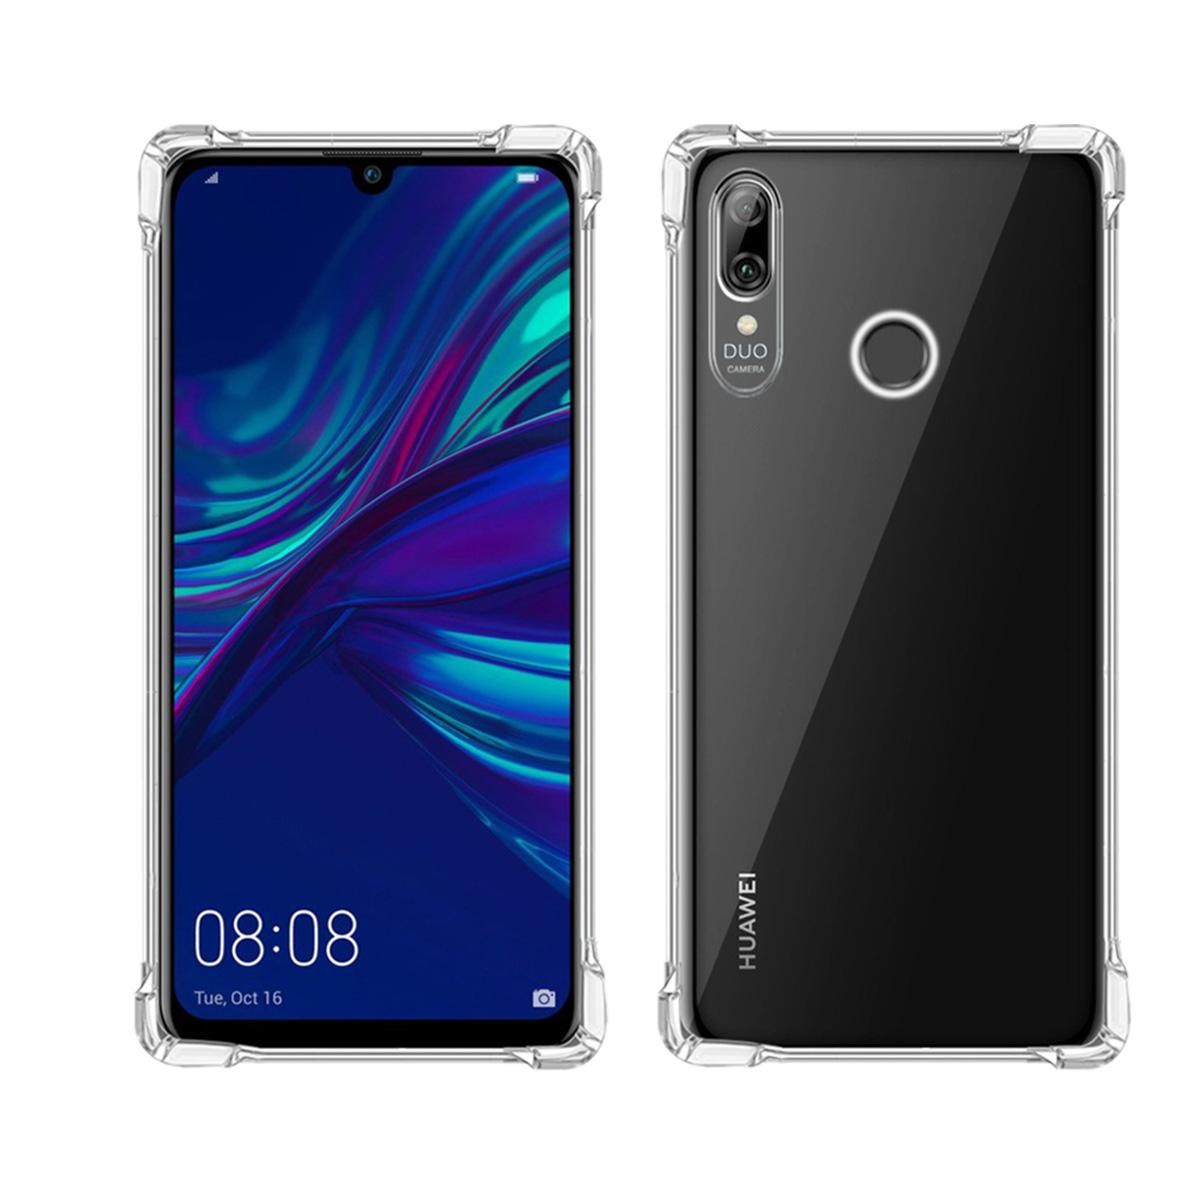 کاور لوکسار مدل UniPro-200 مناسب برای گوشی موبایل هوآوی Y7 Prime 2019